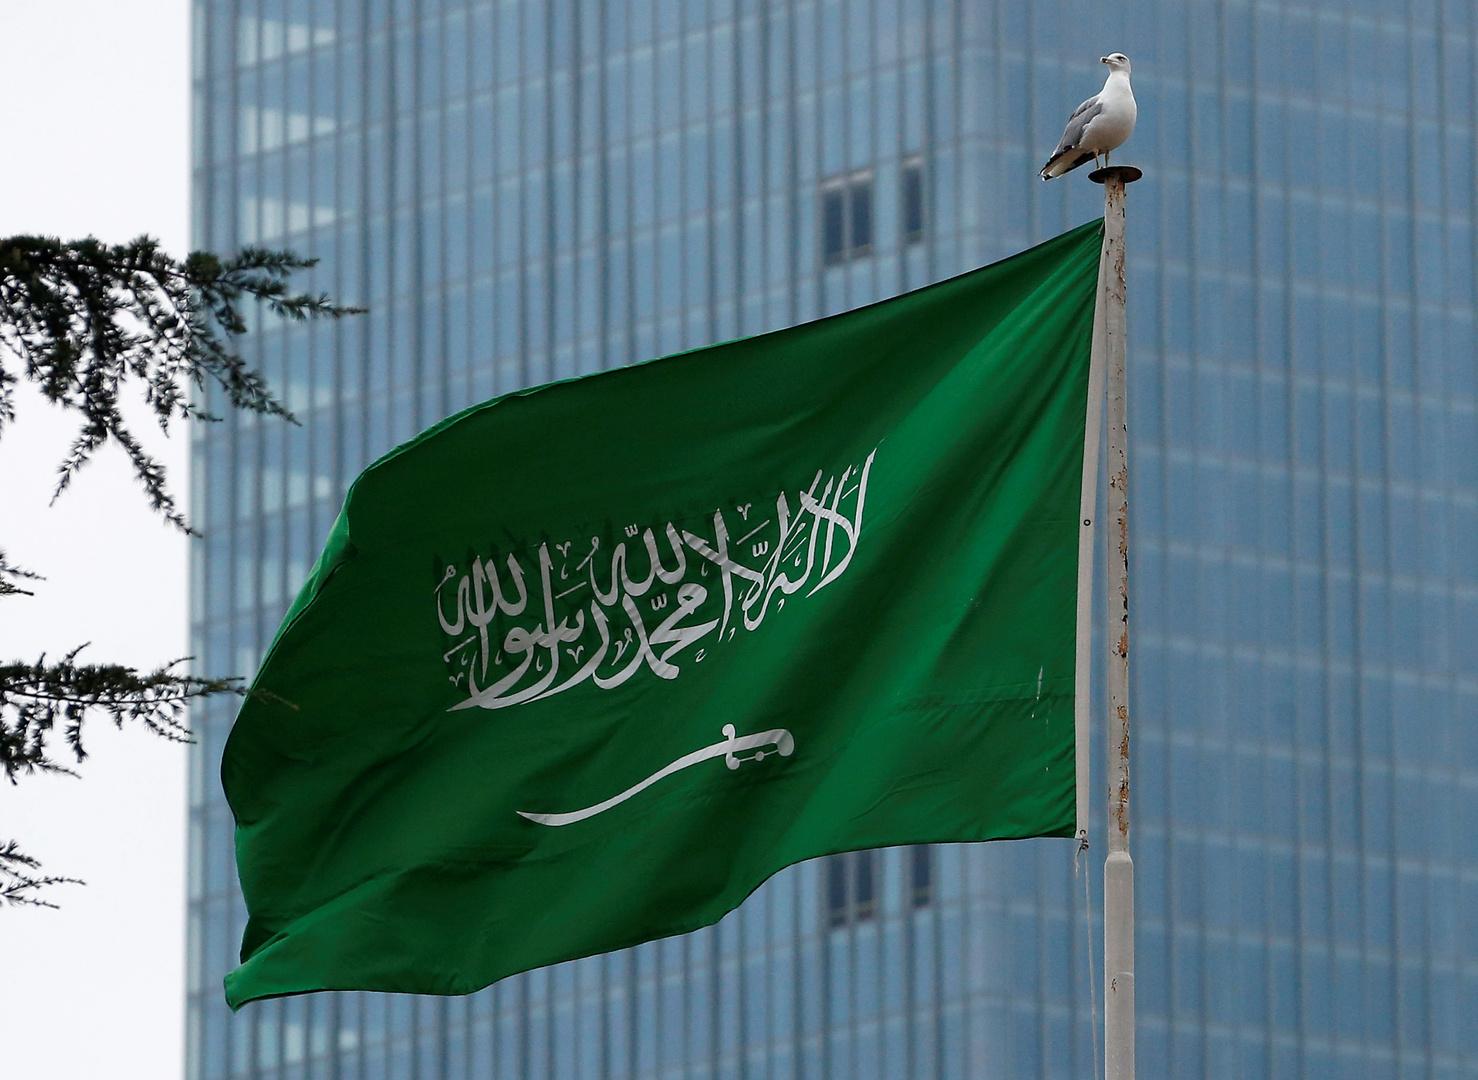 برئاسة الملك.. مجلس الوزراء السعودي يوافق على نظام التبرع بالأعضاء البشرية